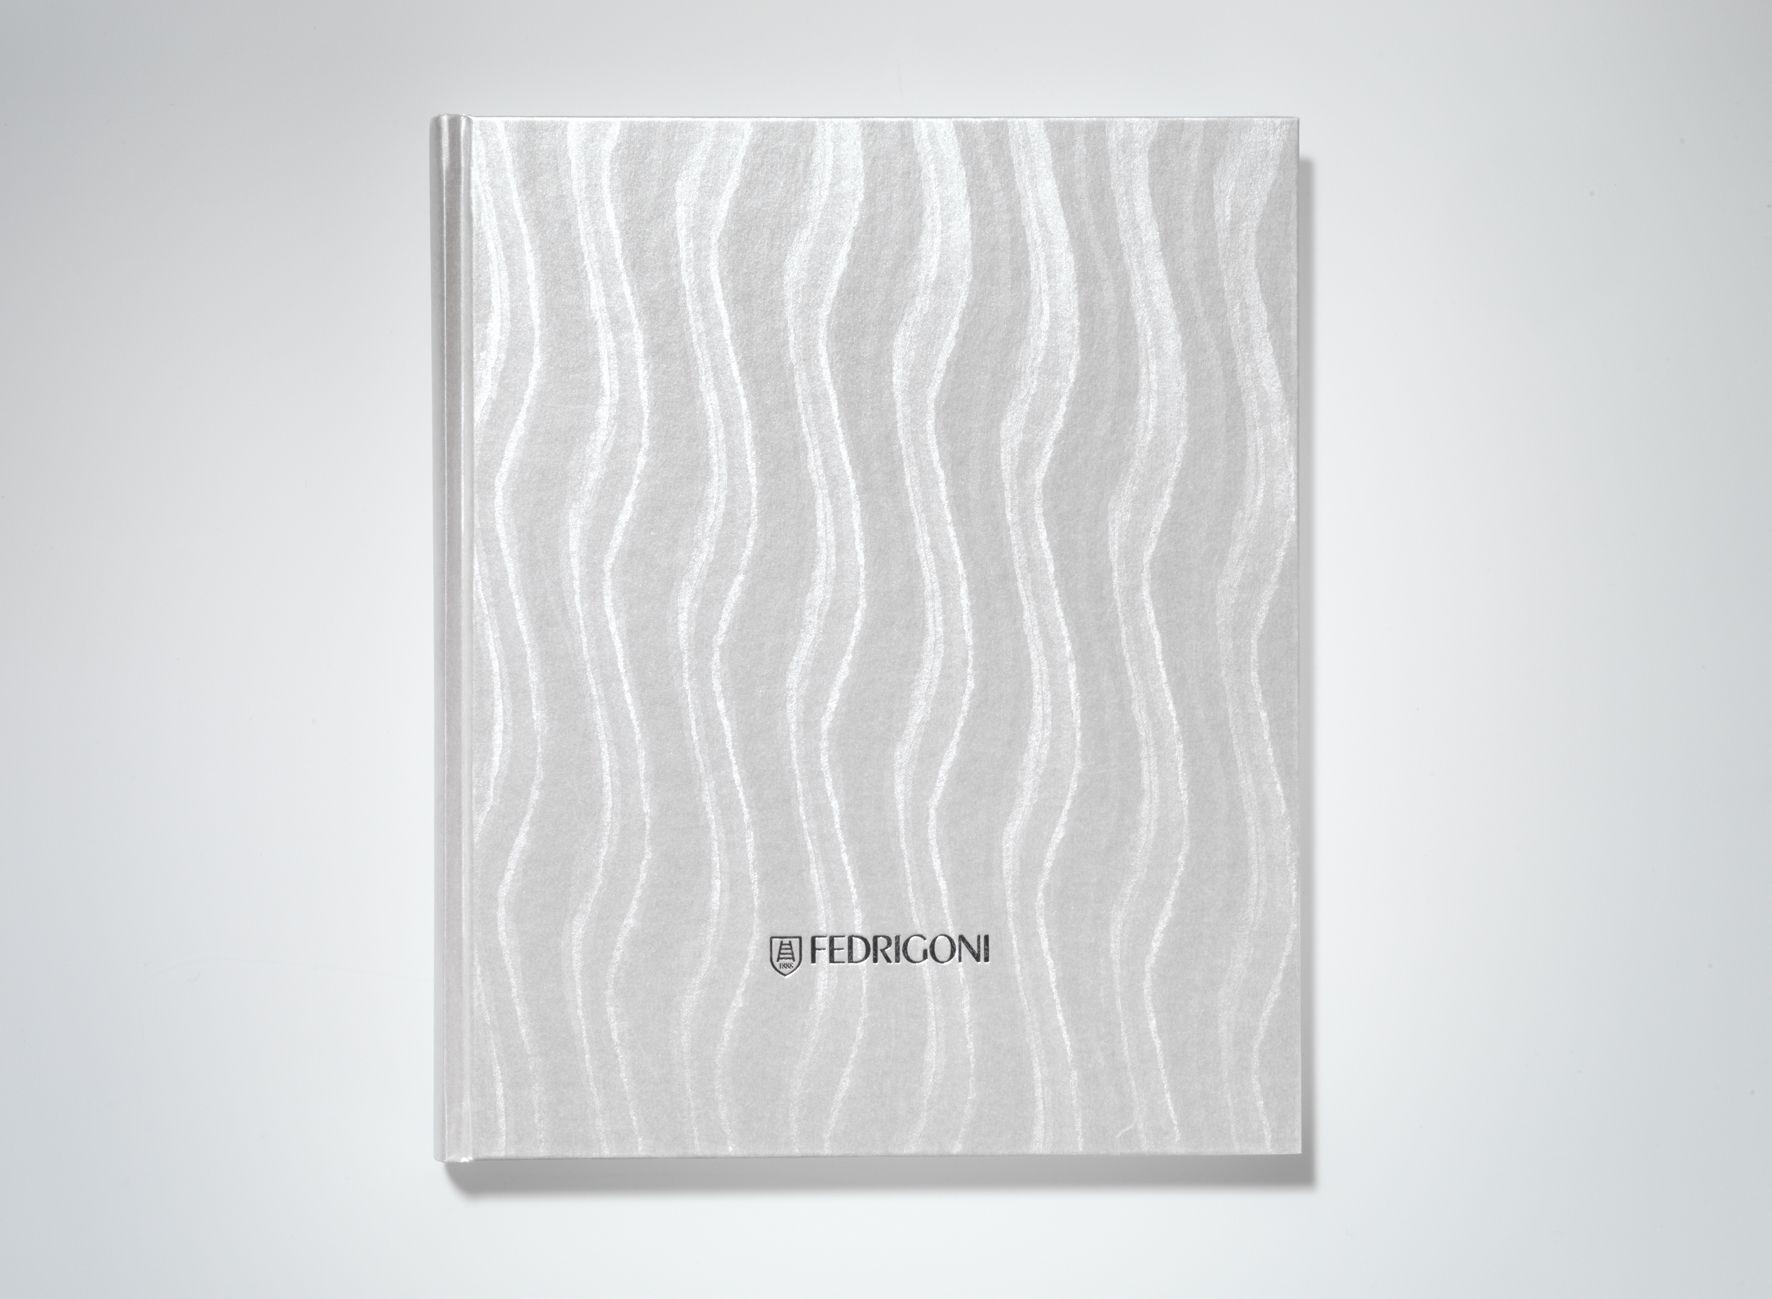 Notizbuch mit Perlmutt-schimmerndem Covereinband (CONSTELLATION JADE, Onda)